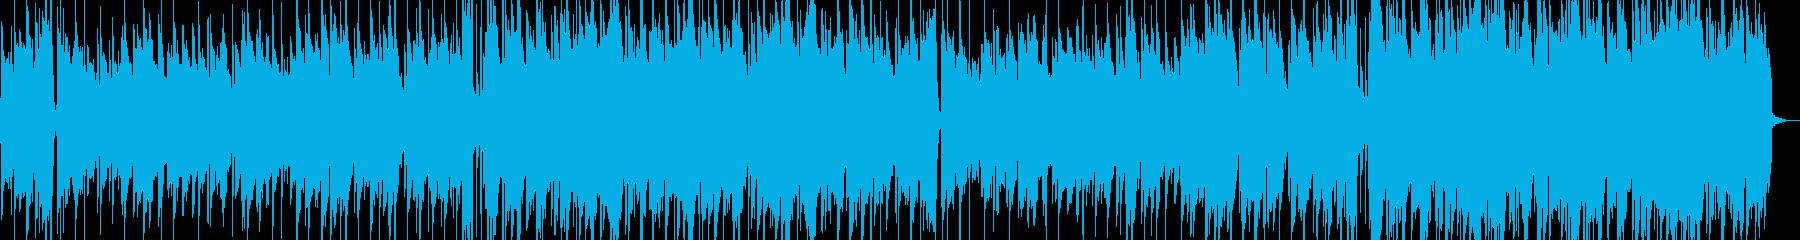 演歌風インストの再生済みの波形